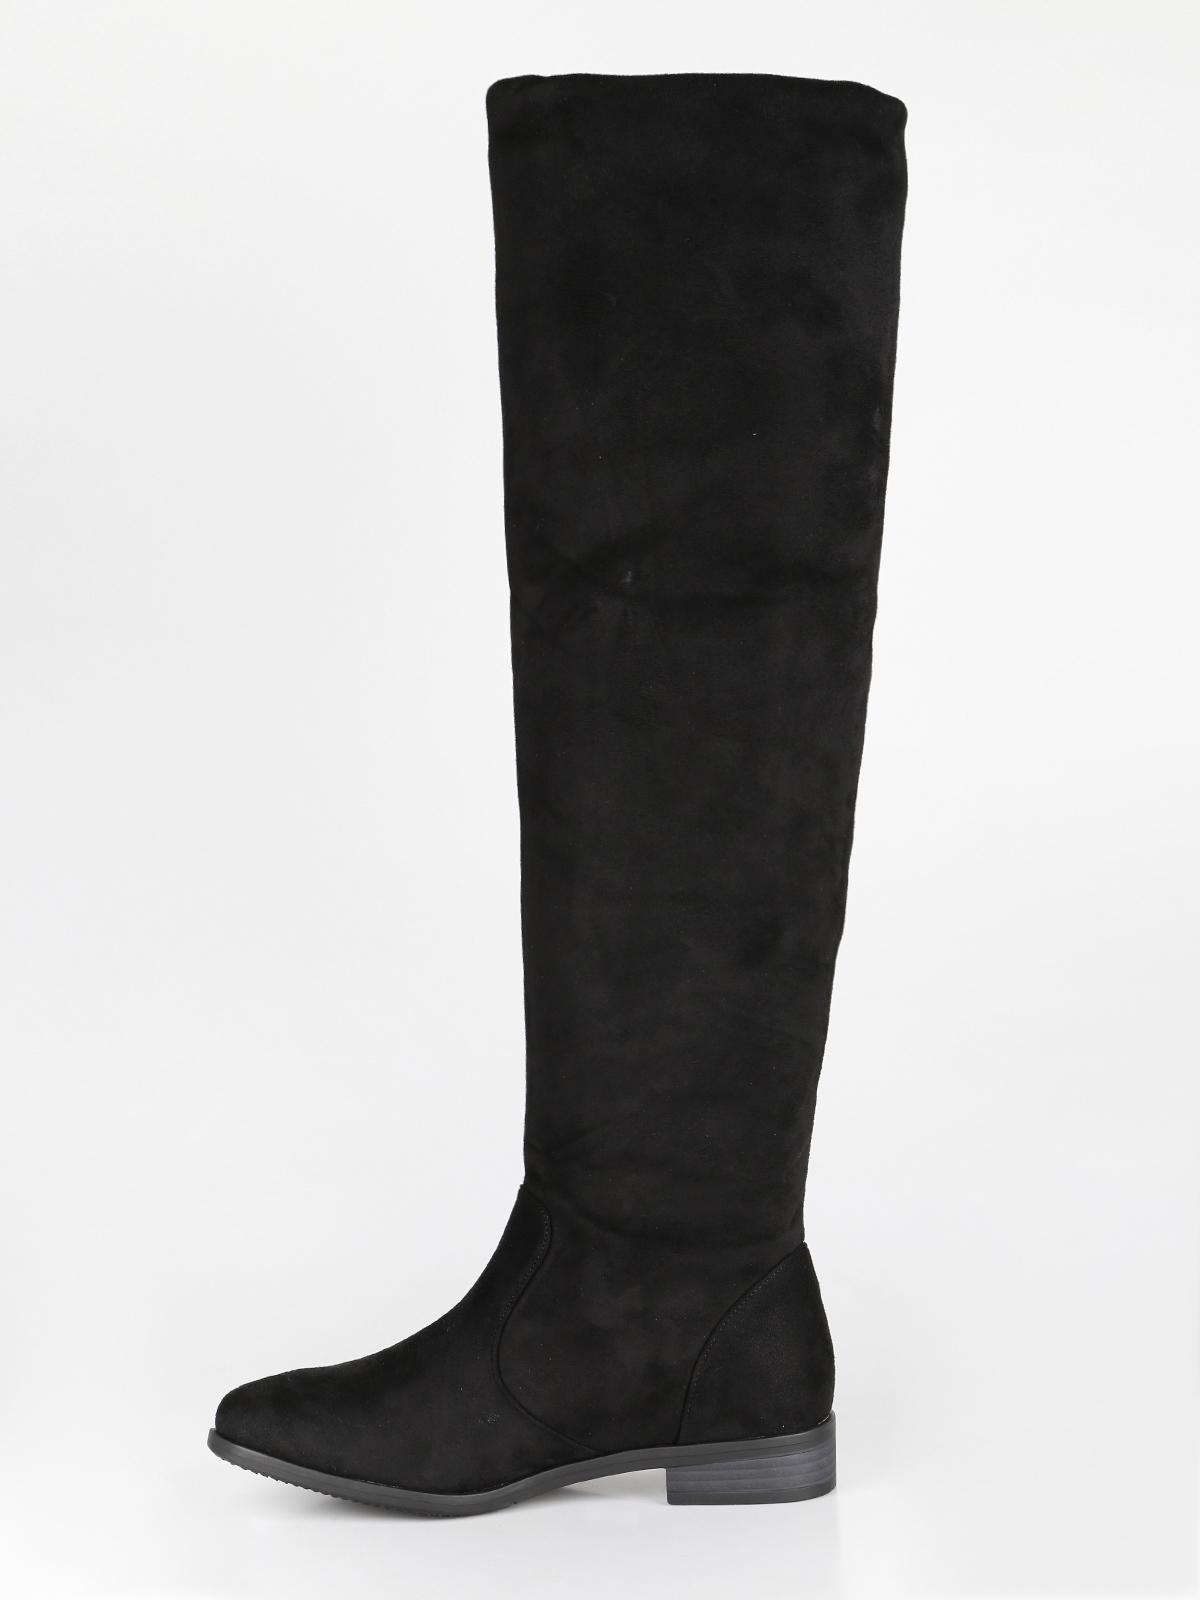 corrispondenza di colore designer nuovo e usato colori armoniosi Stivali bassi al ginocchio janessa | MecShopping